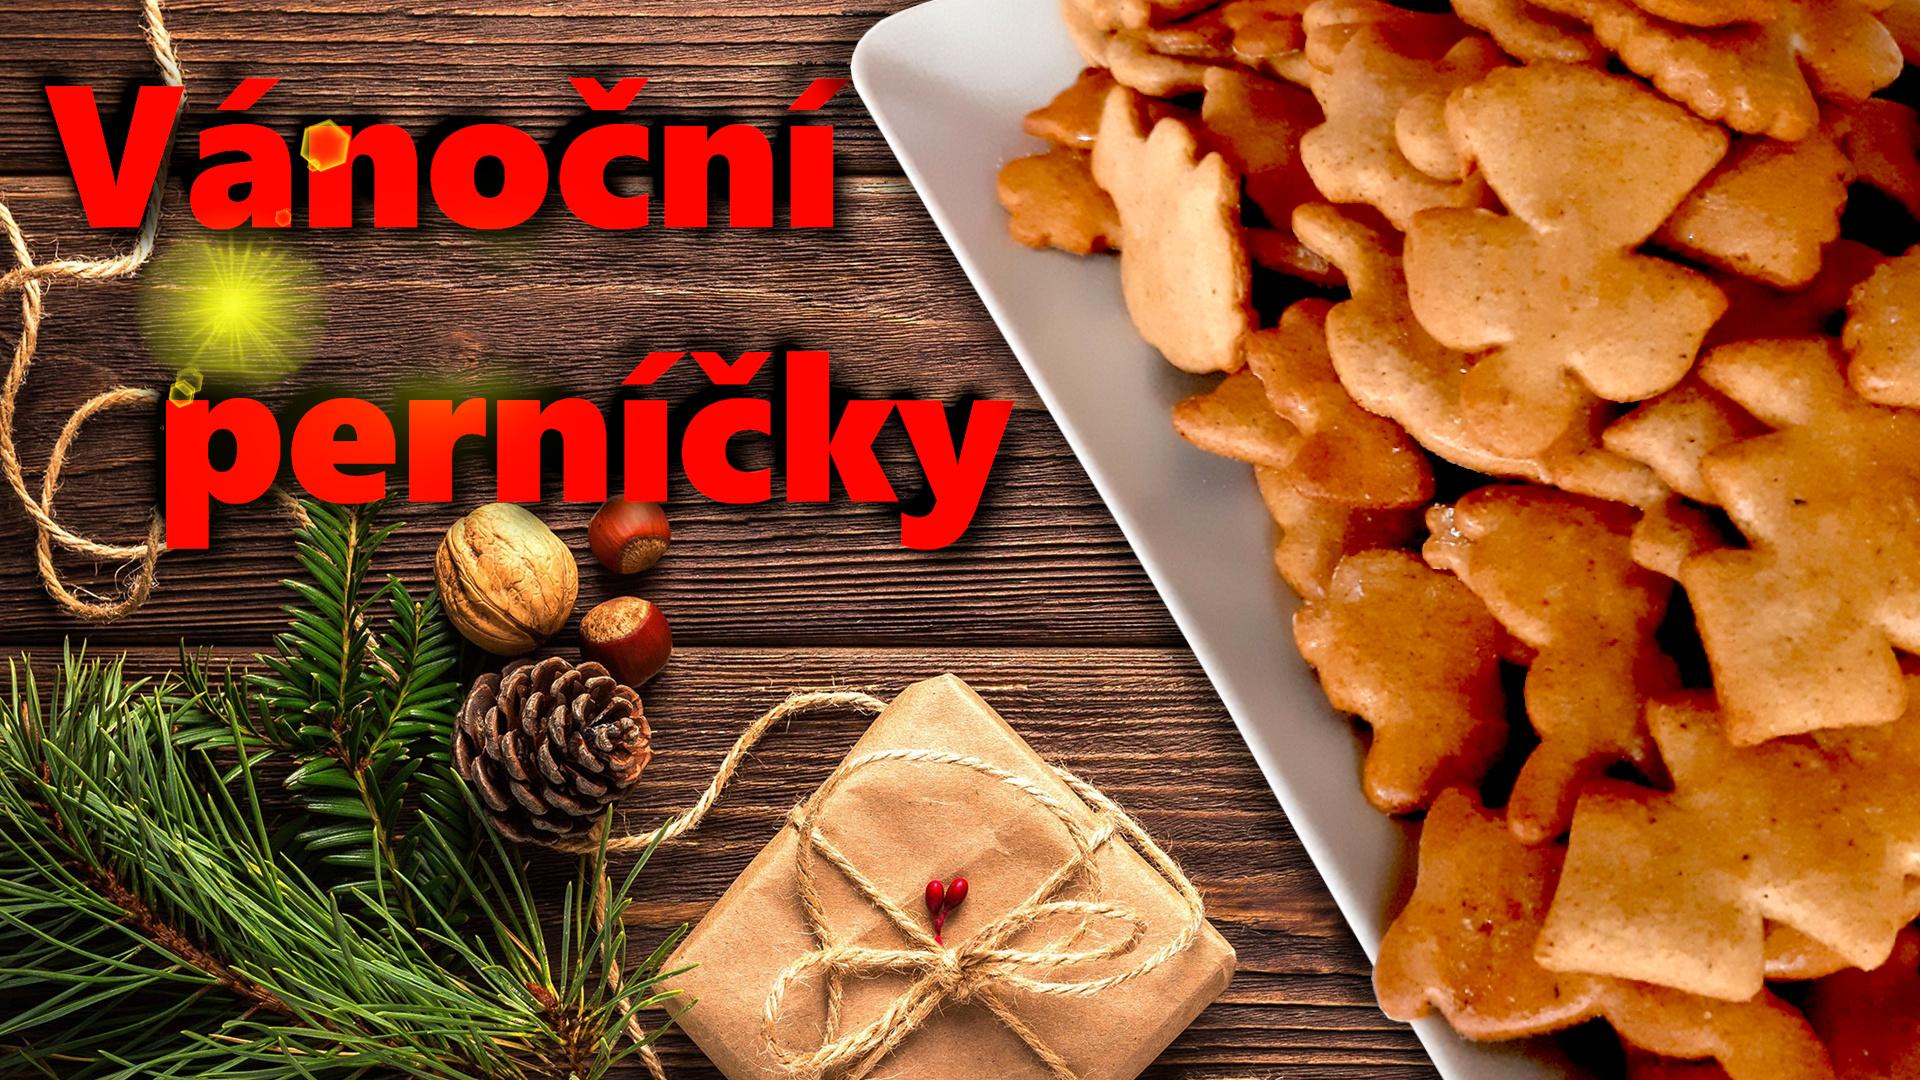 vanocni-pernicky